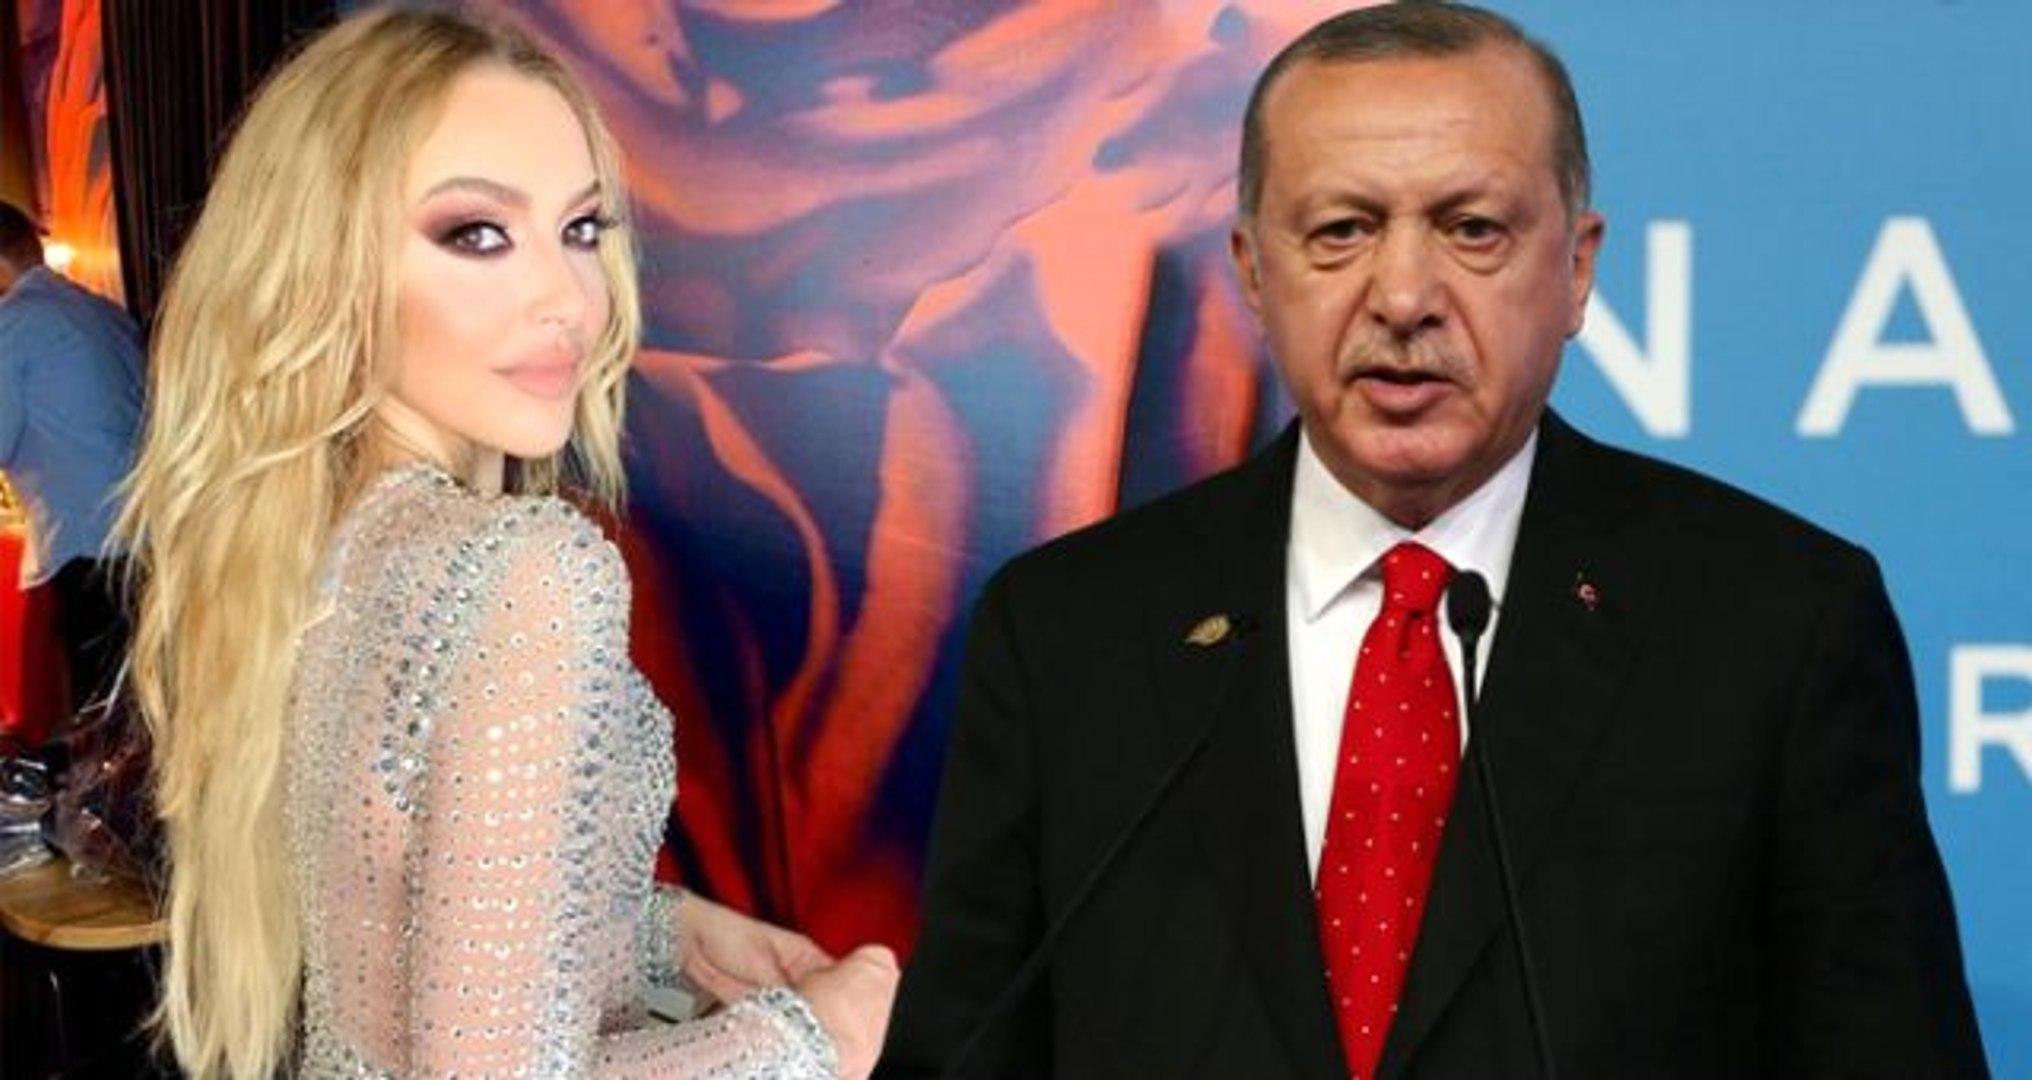 Mülteci çocuklara ablalık yapan Hadise, Erdoğan'a övgü yağdırdı: Kimse sahip çıkmazken o kollar